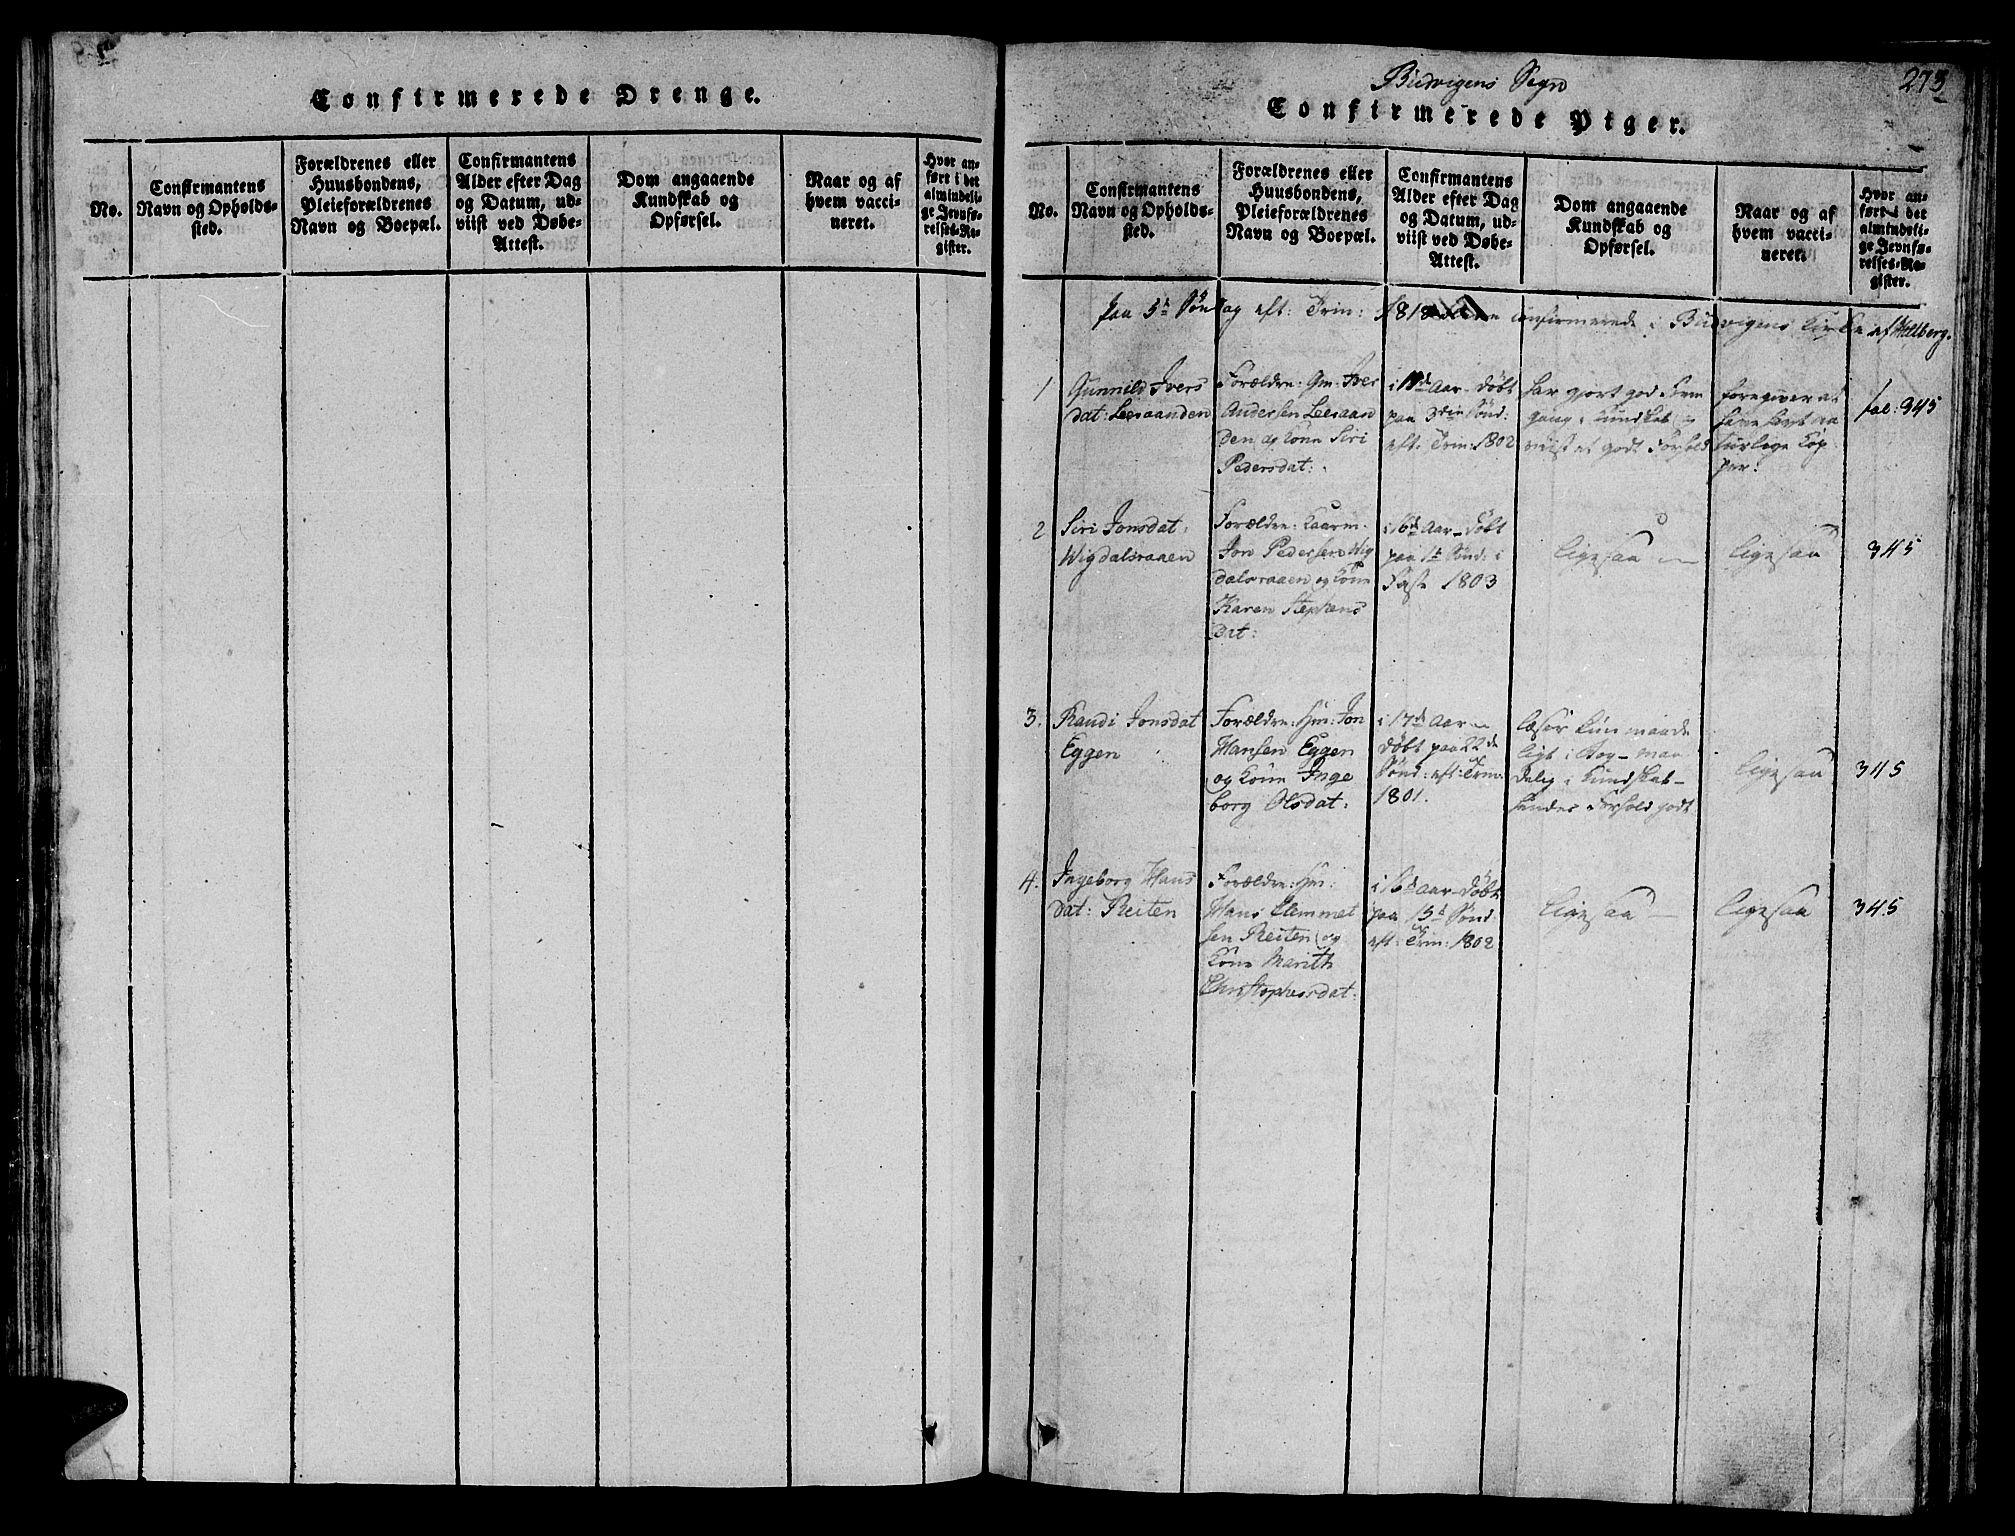 SAT, Ministerialprotokoller, klokkerbøker og fødselsregistre - Sør-Trøndelag, 612/L0373: Ministerialbok nr. 612A06 /2, 1816-1828, s. 273